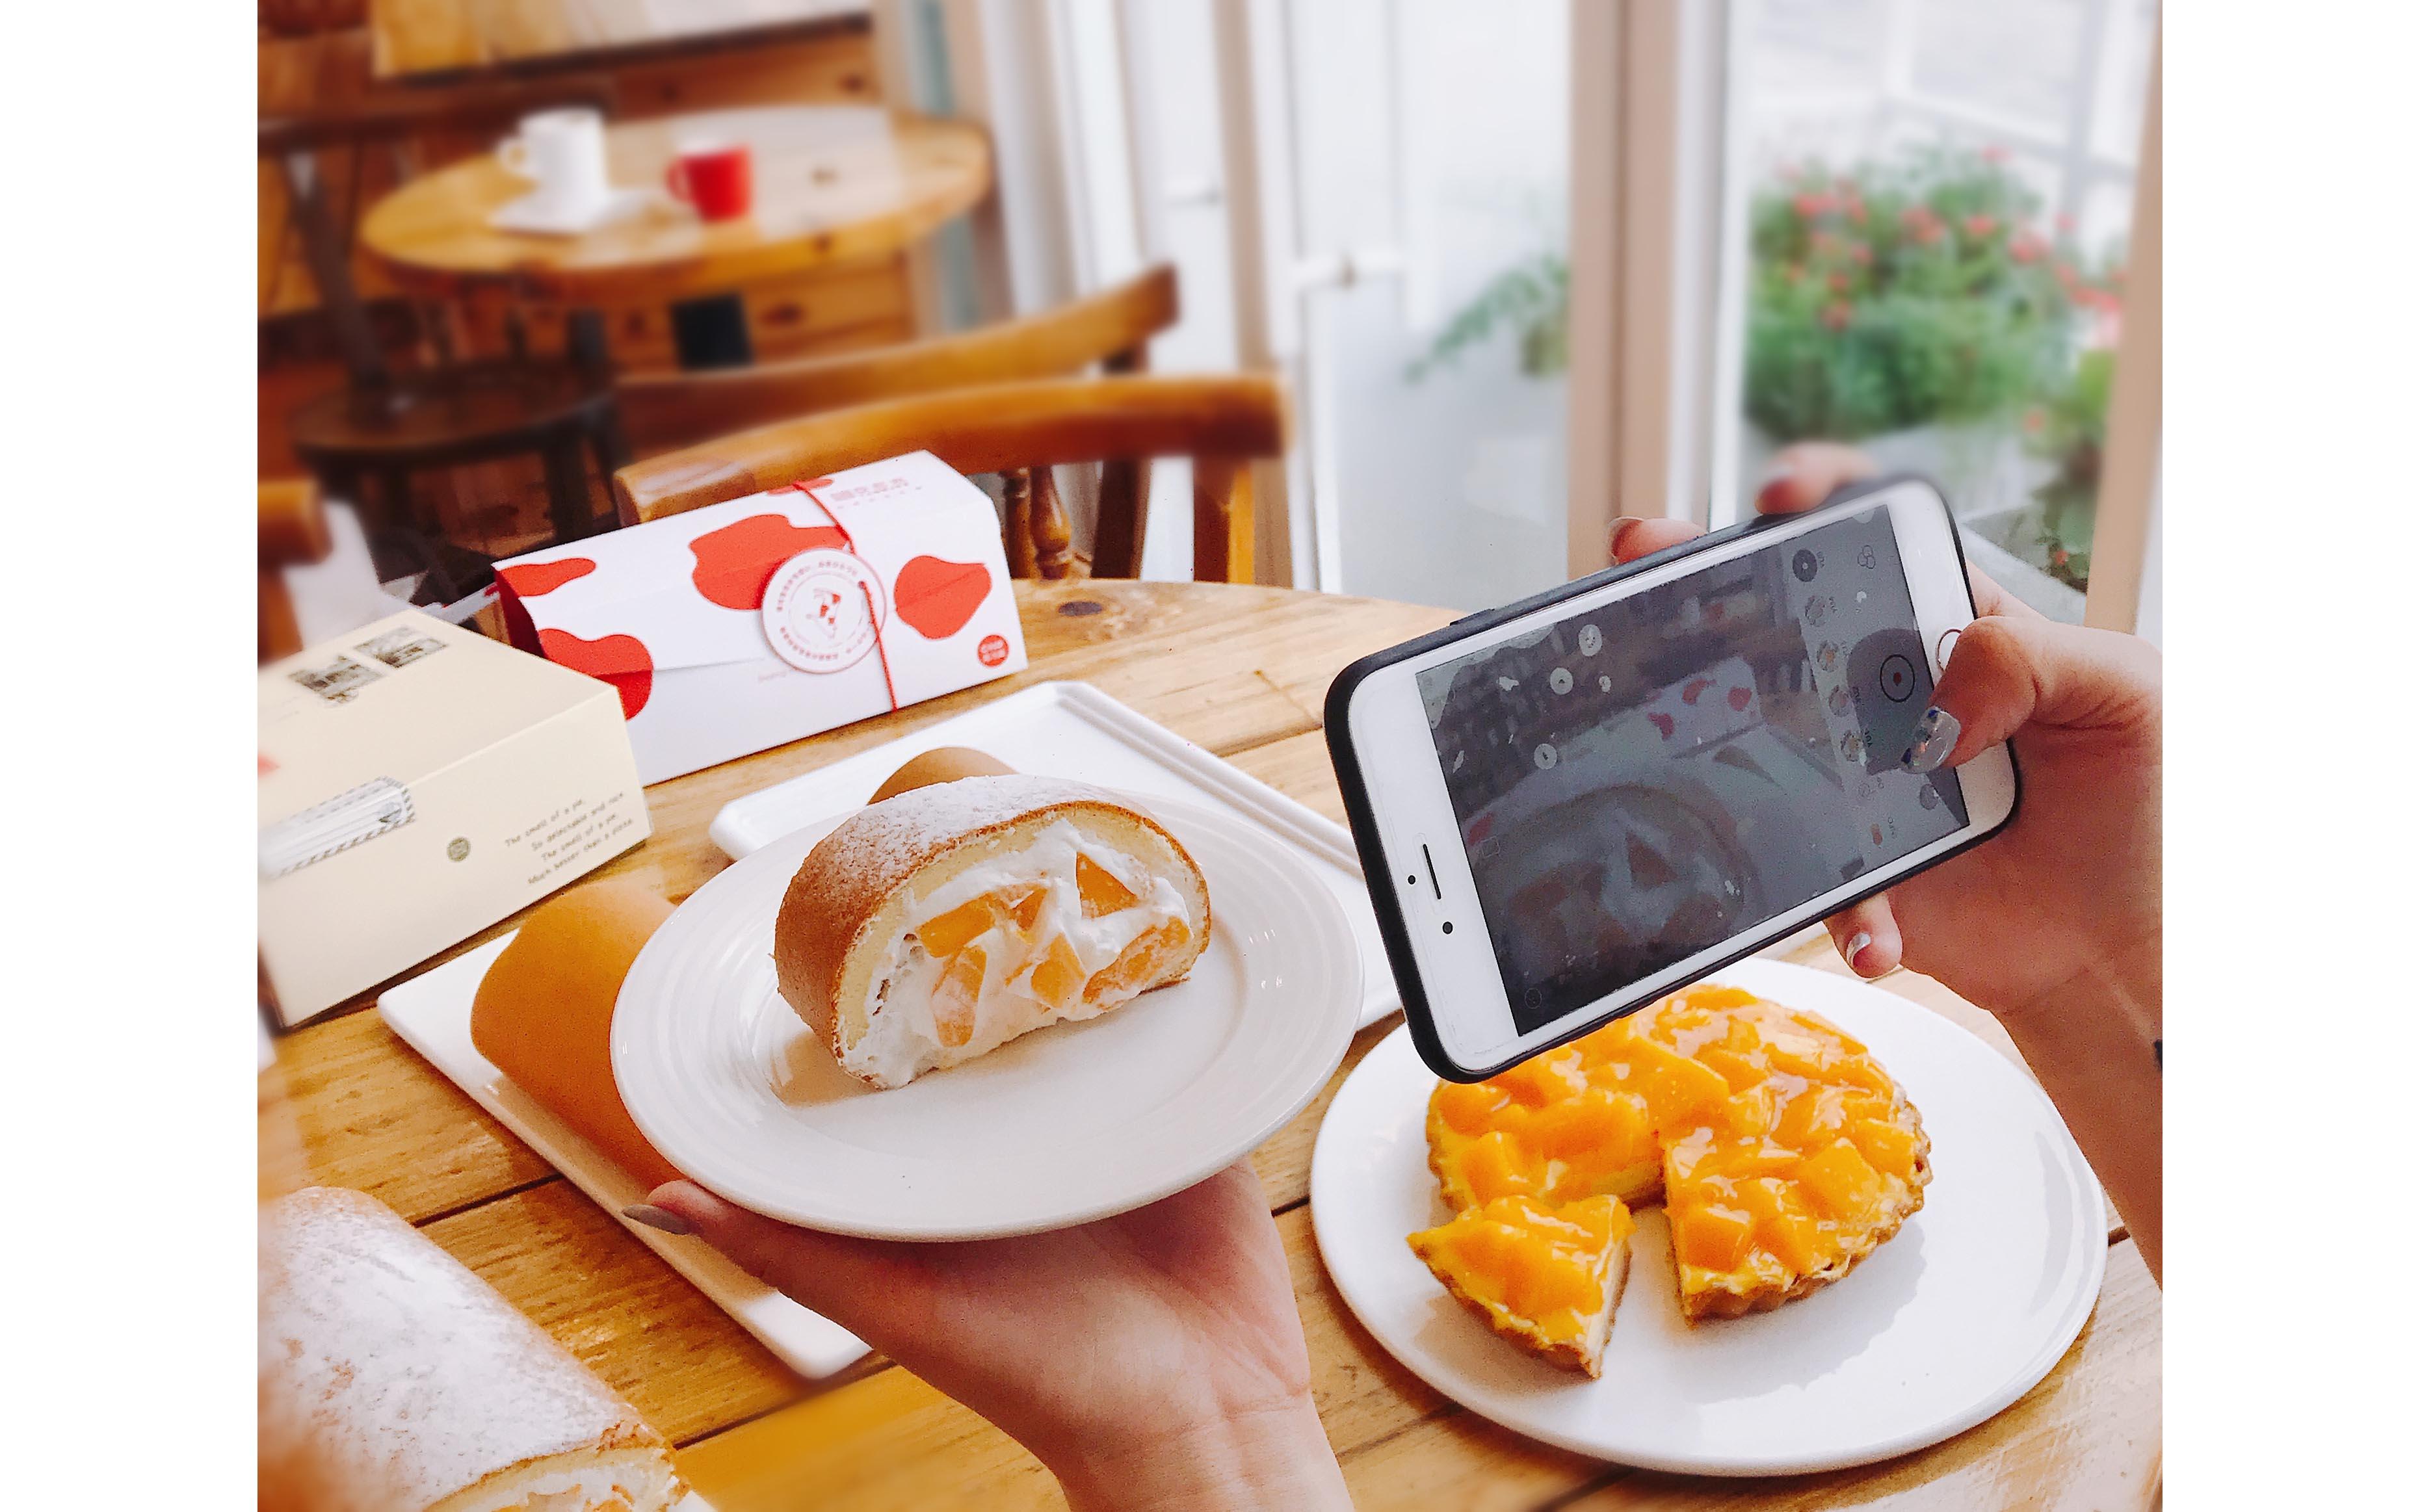 時令 甜點 特輯 打造 消暑聖品 金黃 芒果 甜點 台灣